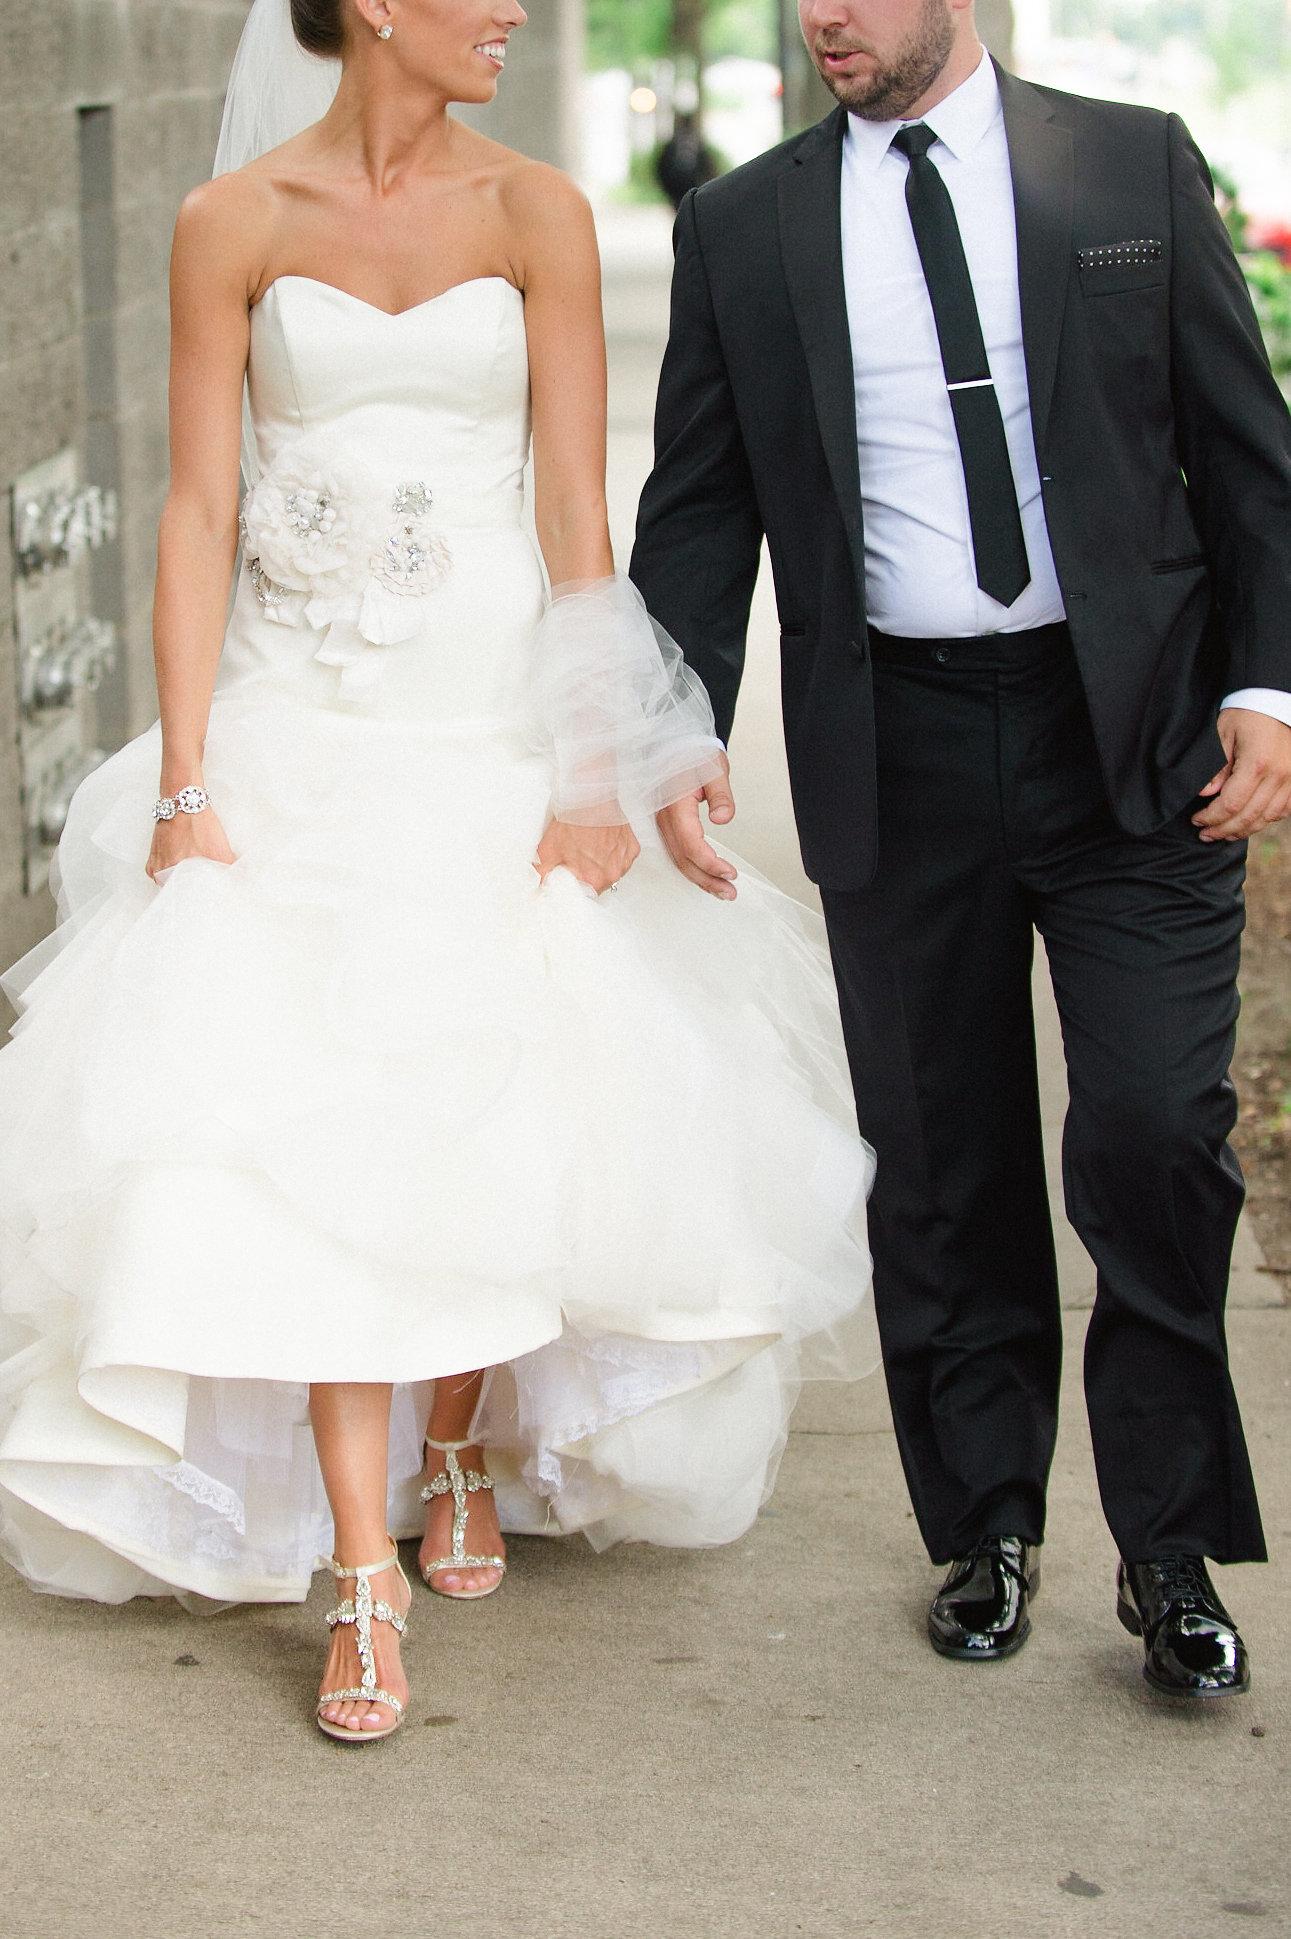 shelby&jordan|smitten&hooked|wedding|firstlook-095.jpg